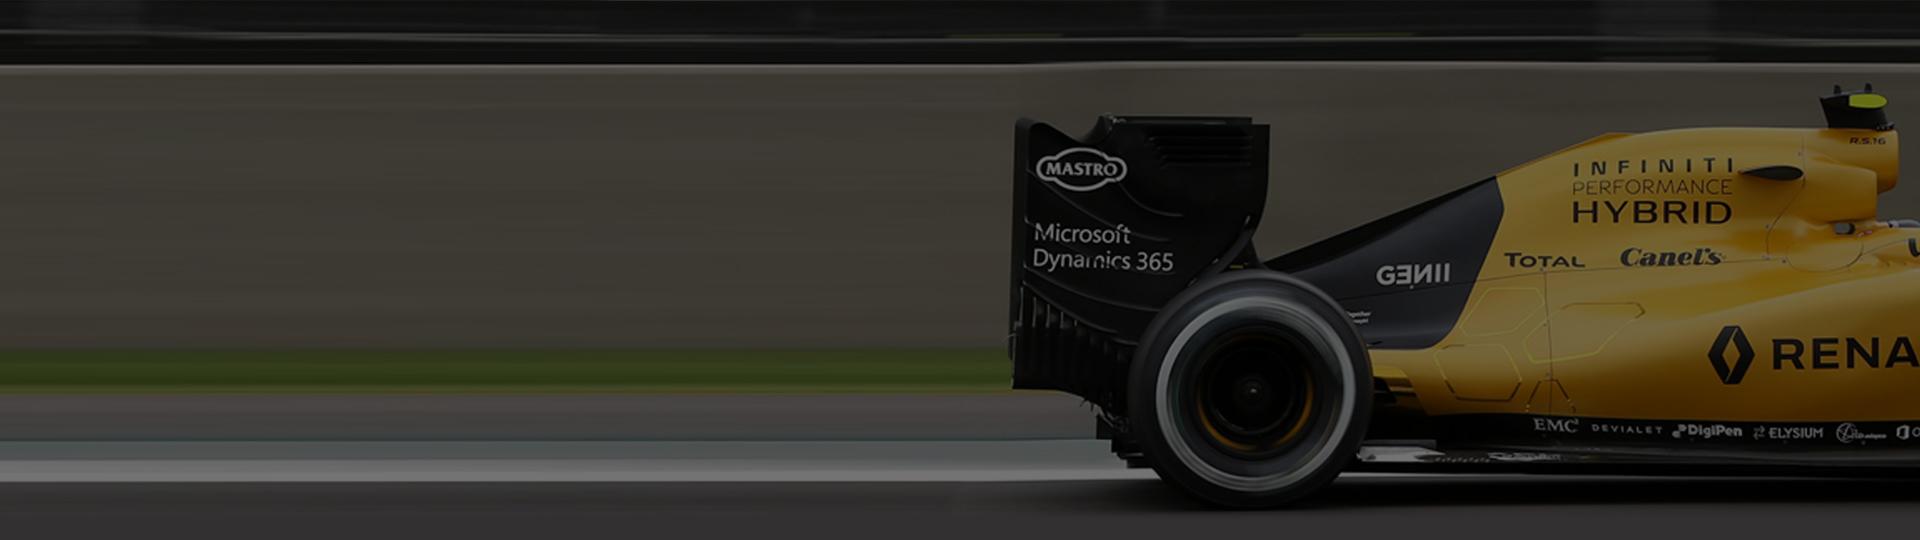 F1-team väljer molntjänster för fart och flexibilitet såväl på som utanför banan